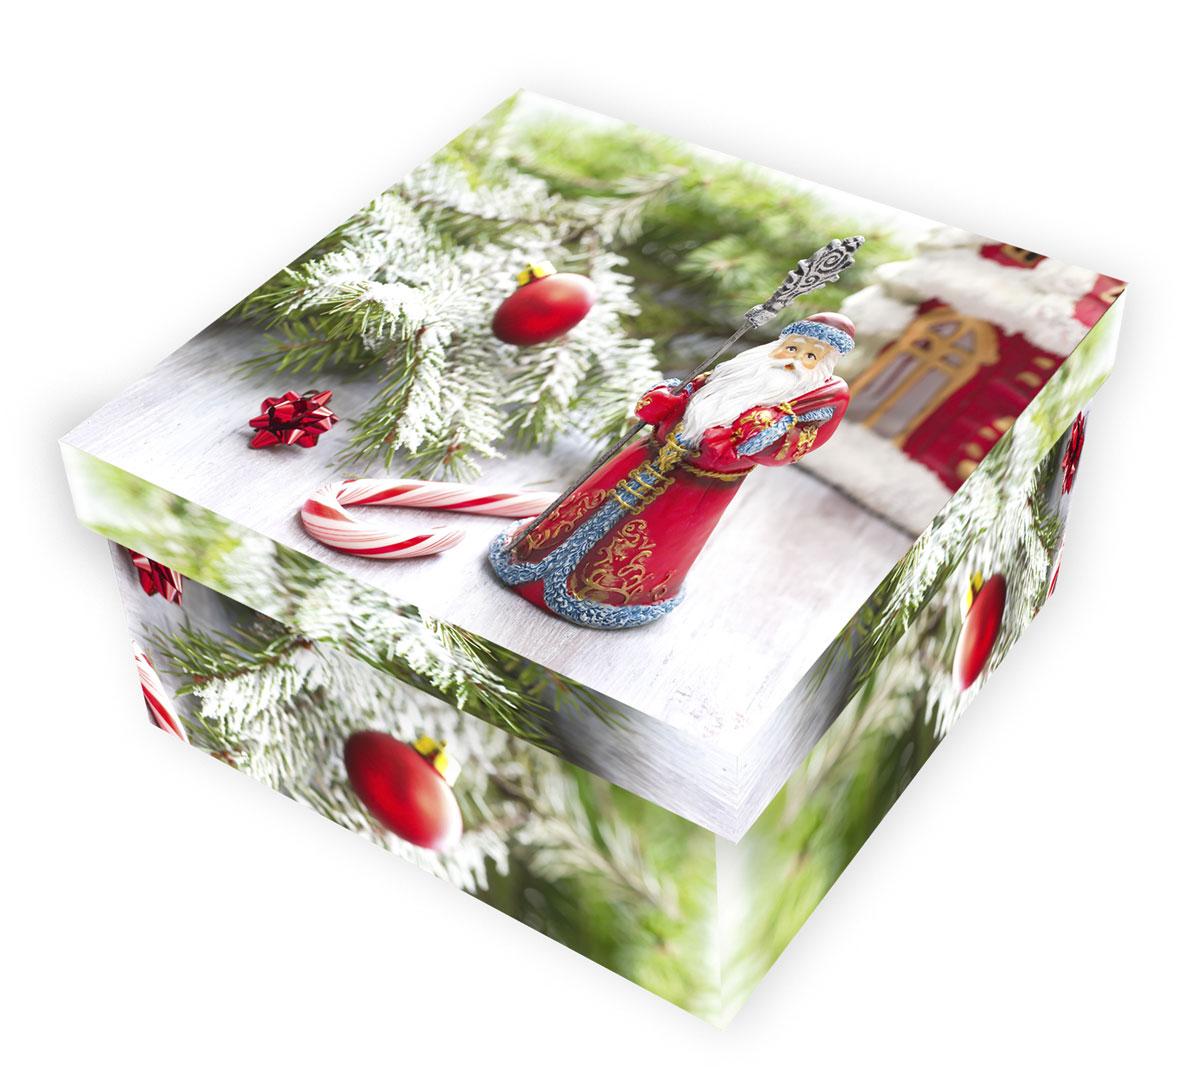 Коробка подарочная Proffi Home Дед Мороз, 12 х 22 х 22 смPH7826Большие картонные коробки идеально подходят для упаковки объемных подарков. Коробка изготовлена из плотного цветного картона.